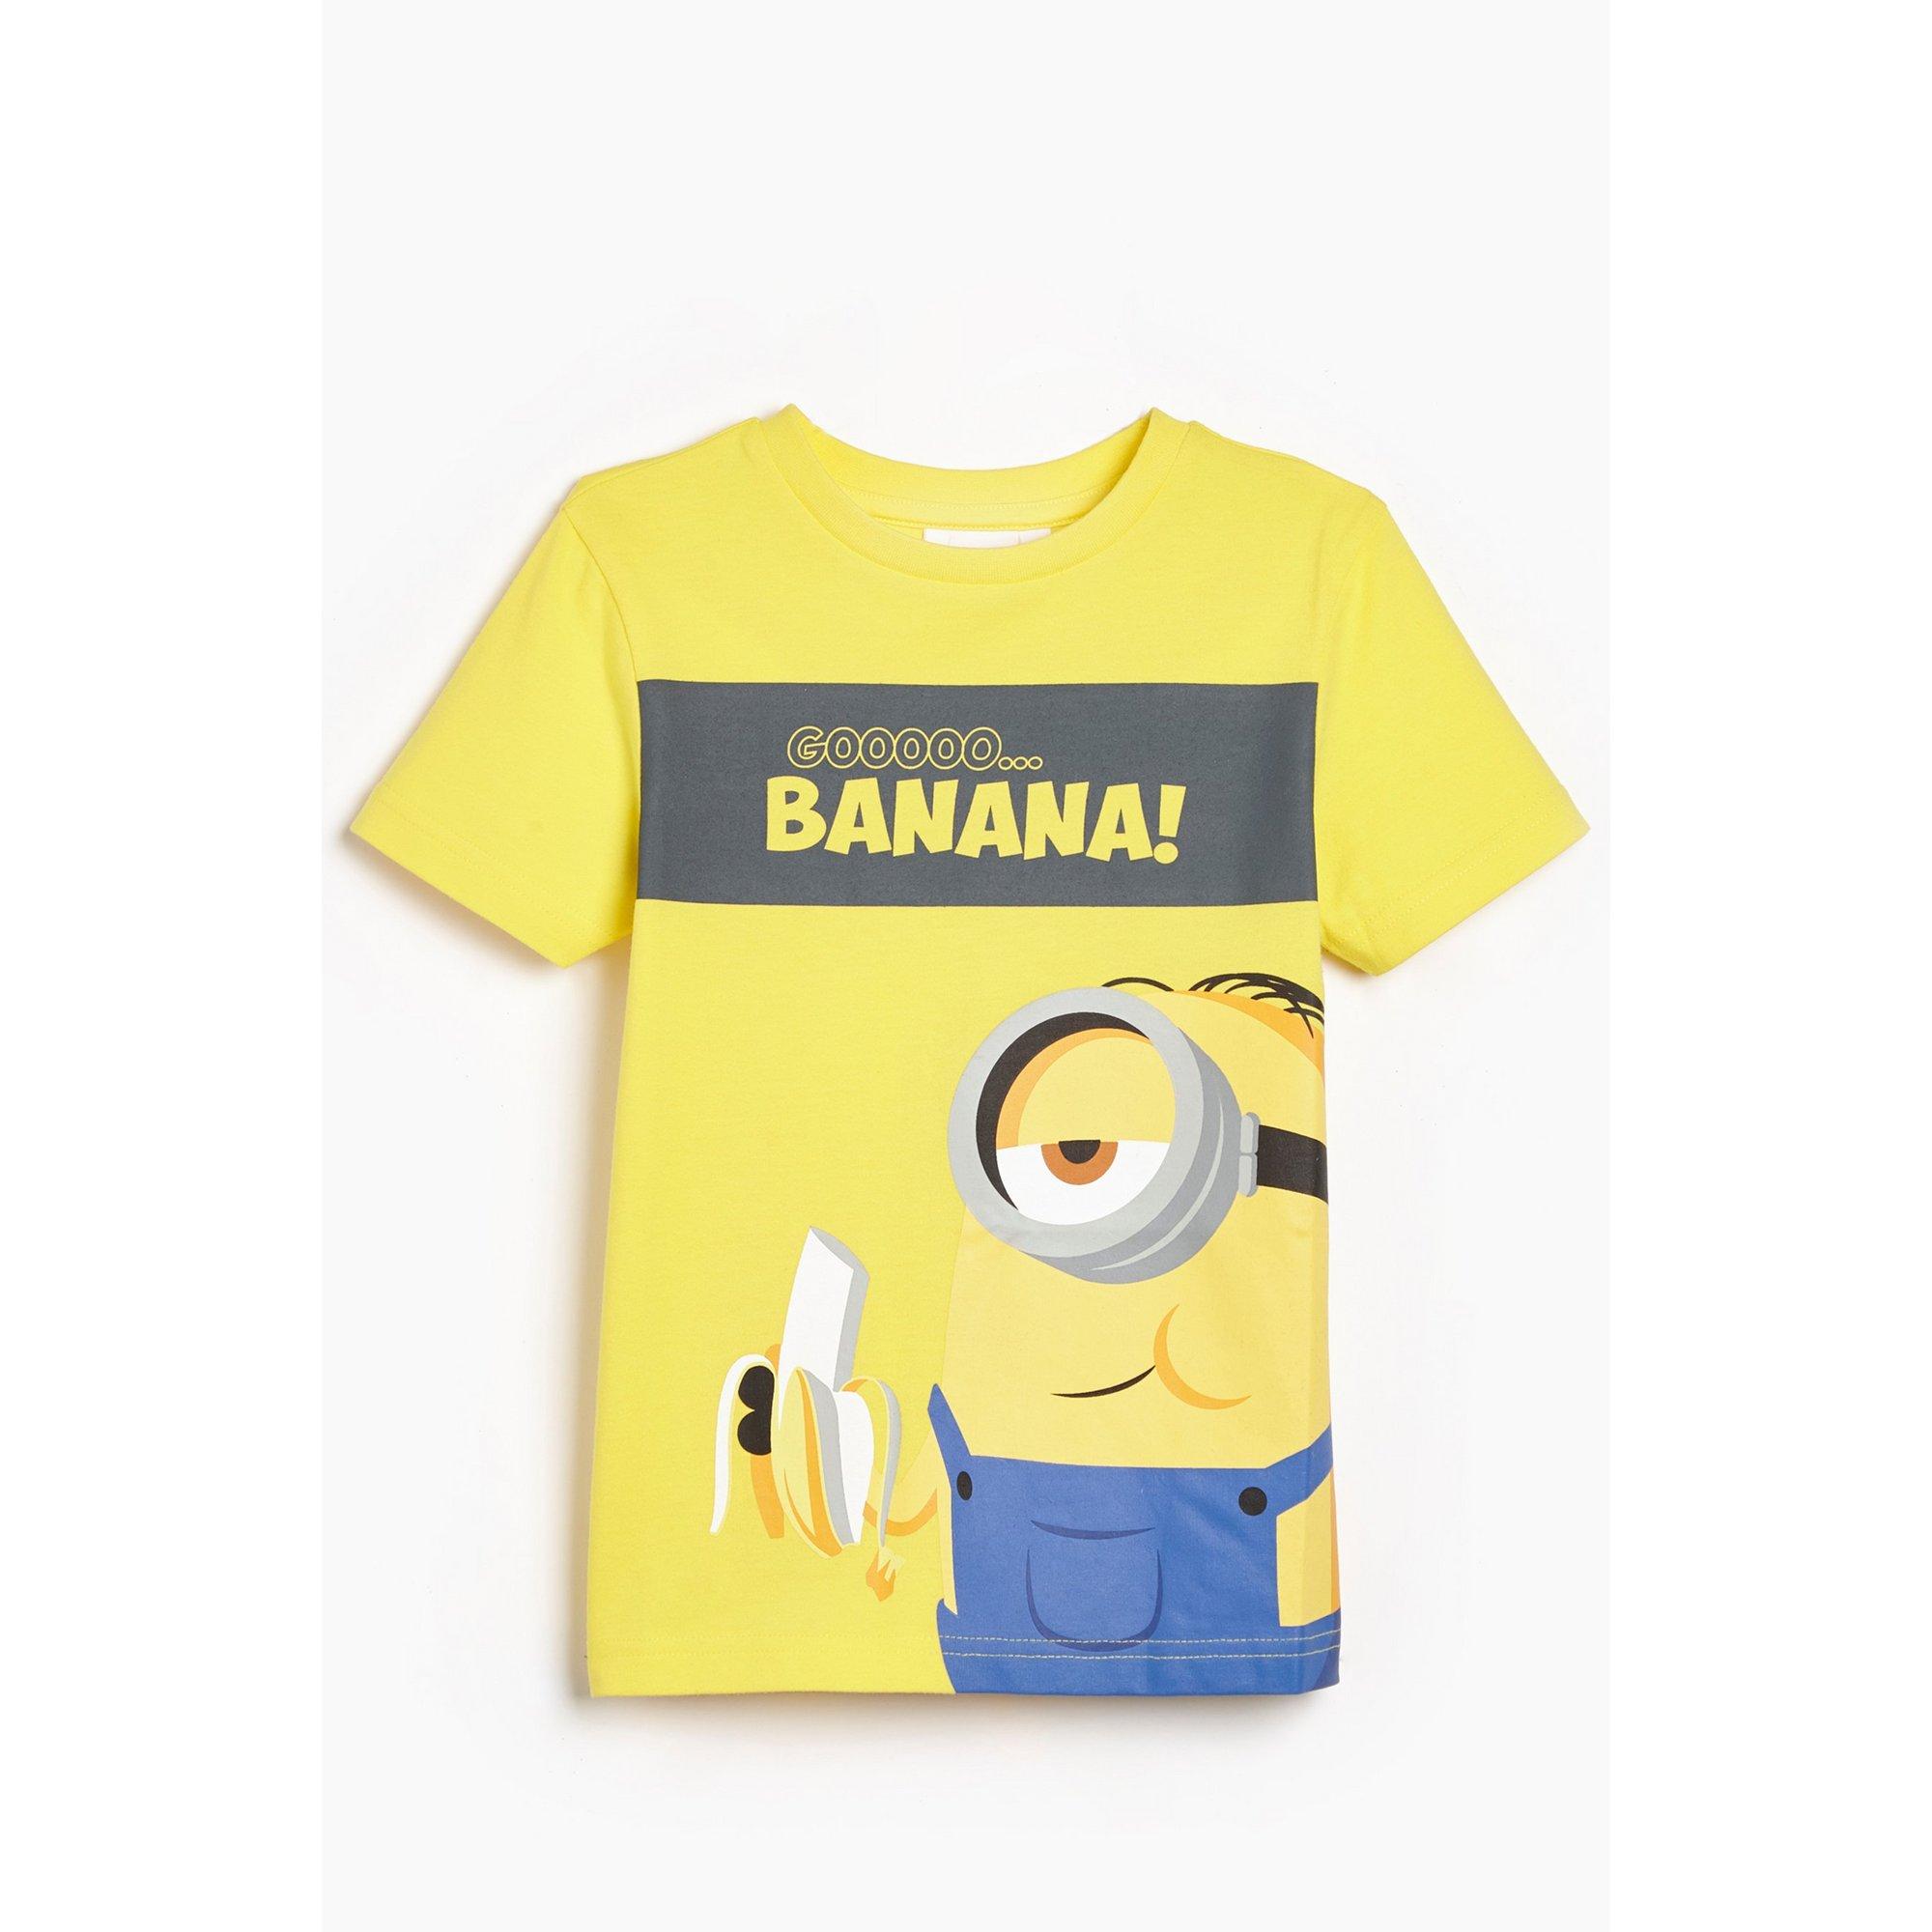 Image of Boys Minions Go Banana! T-Shirt